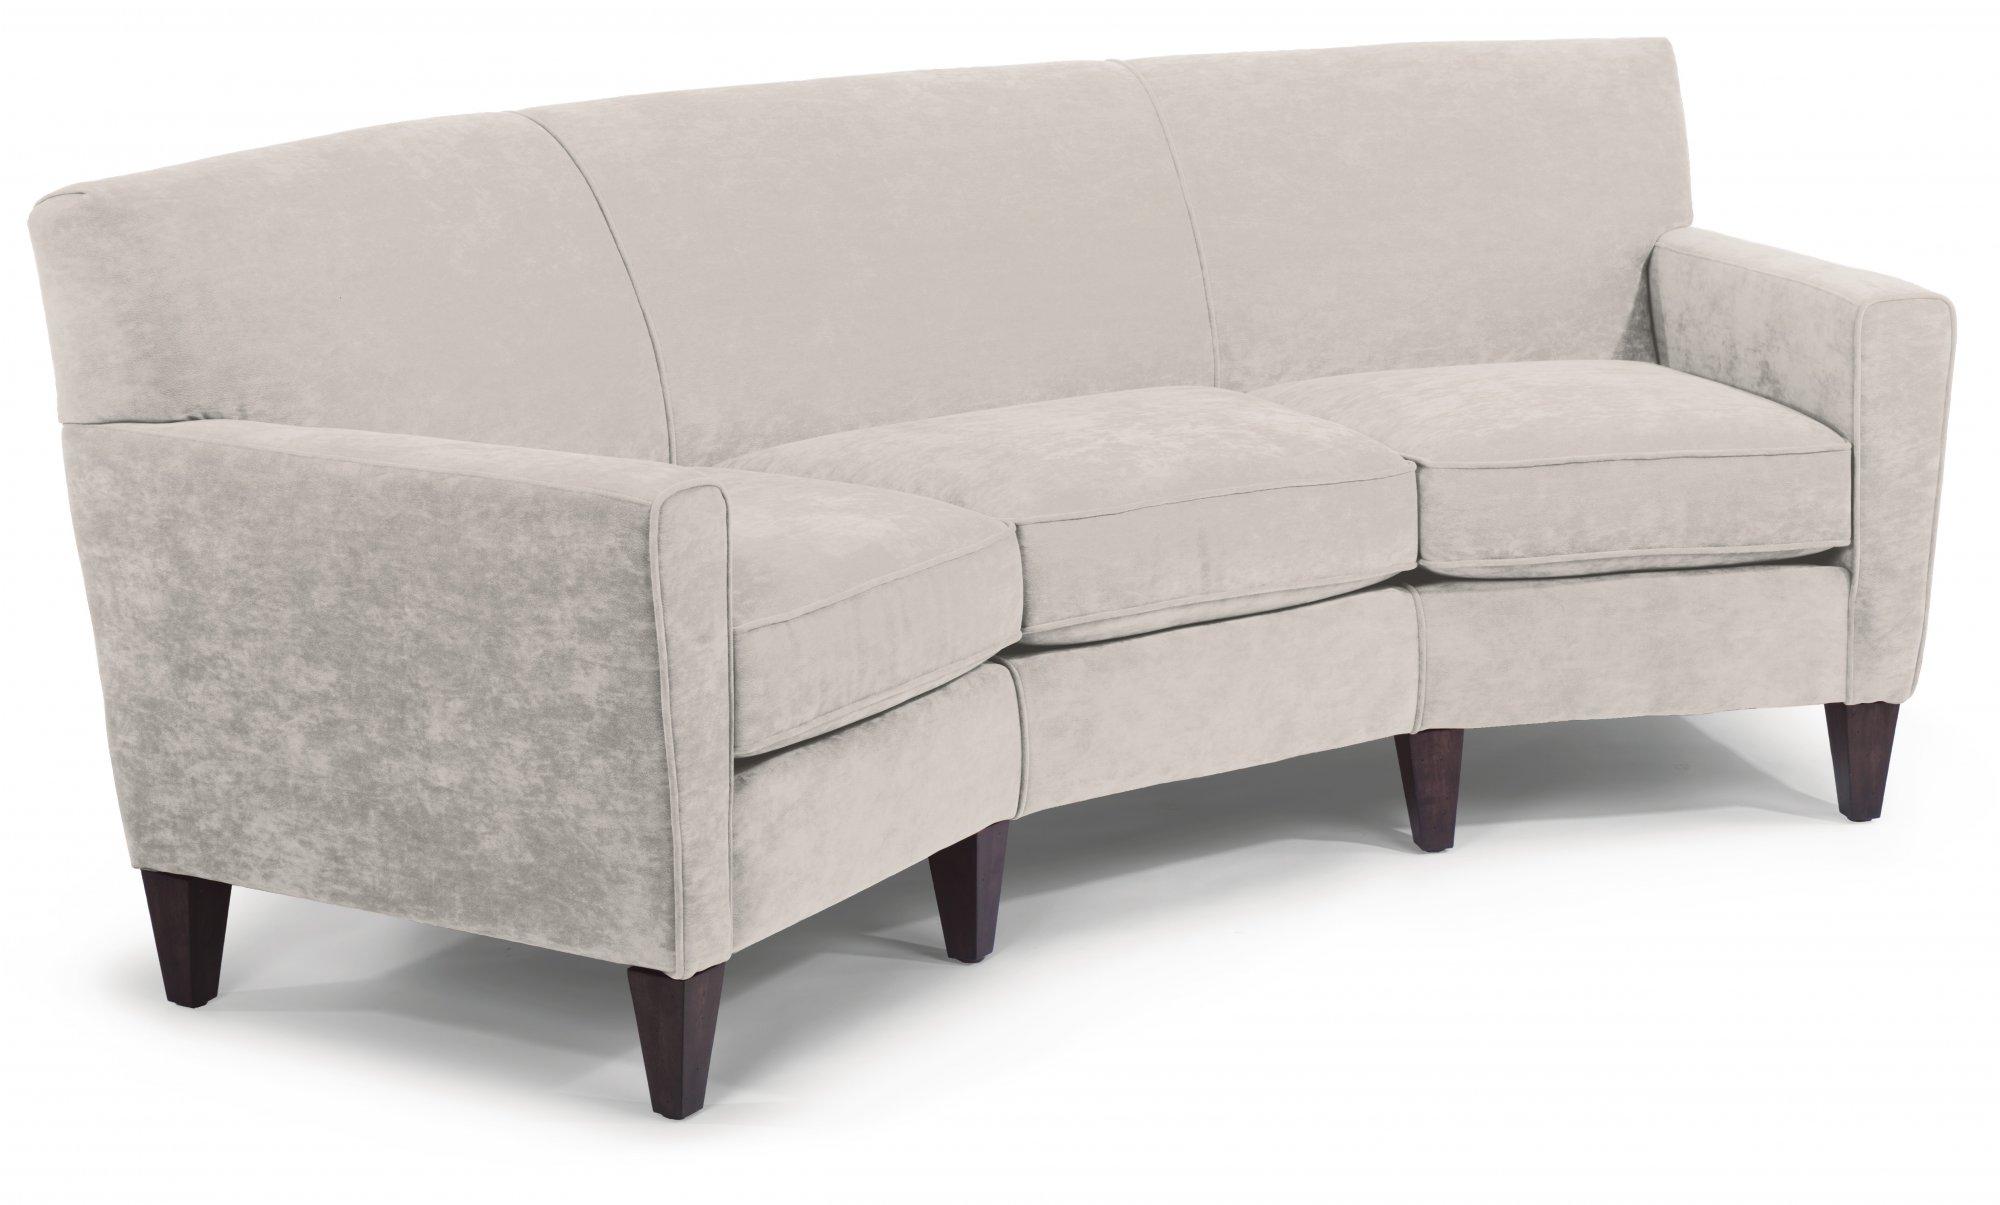 Flexsteel Conversation Sofa Conceptstructuresllc Com